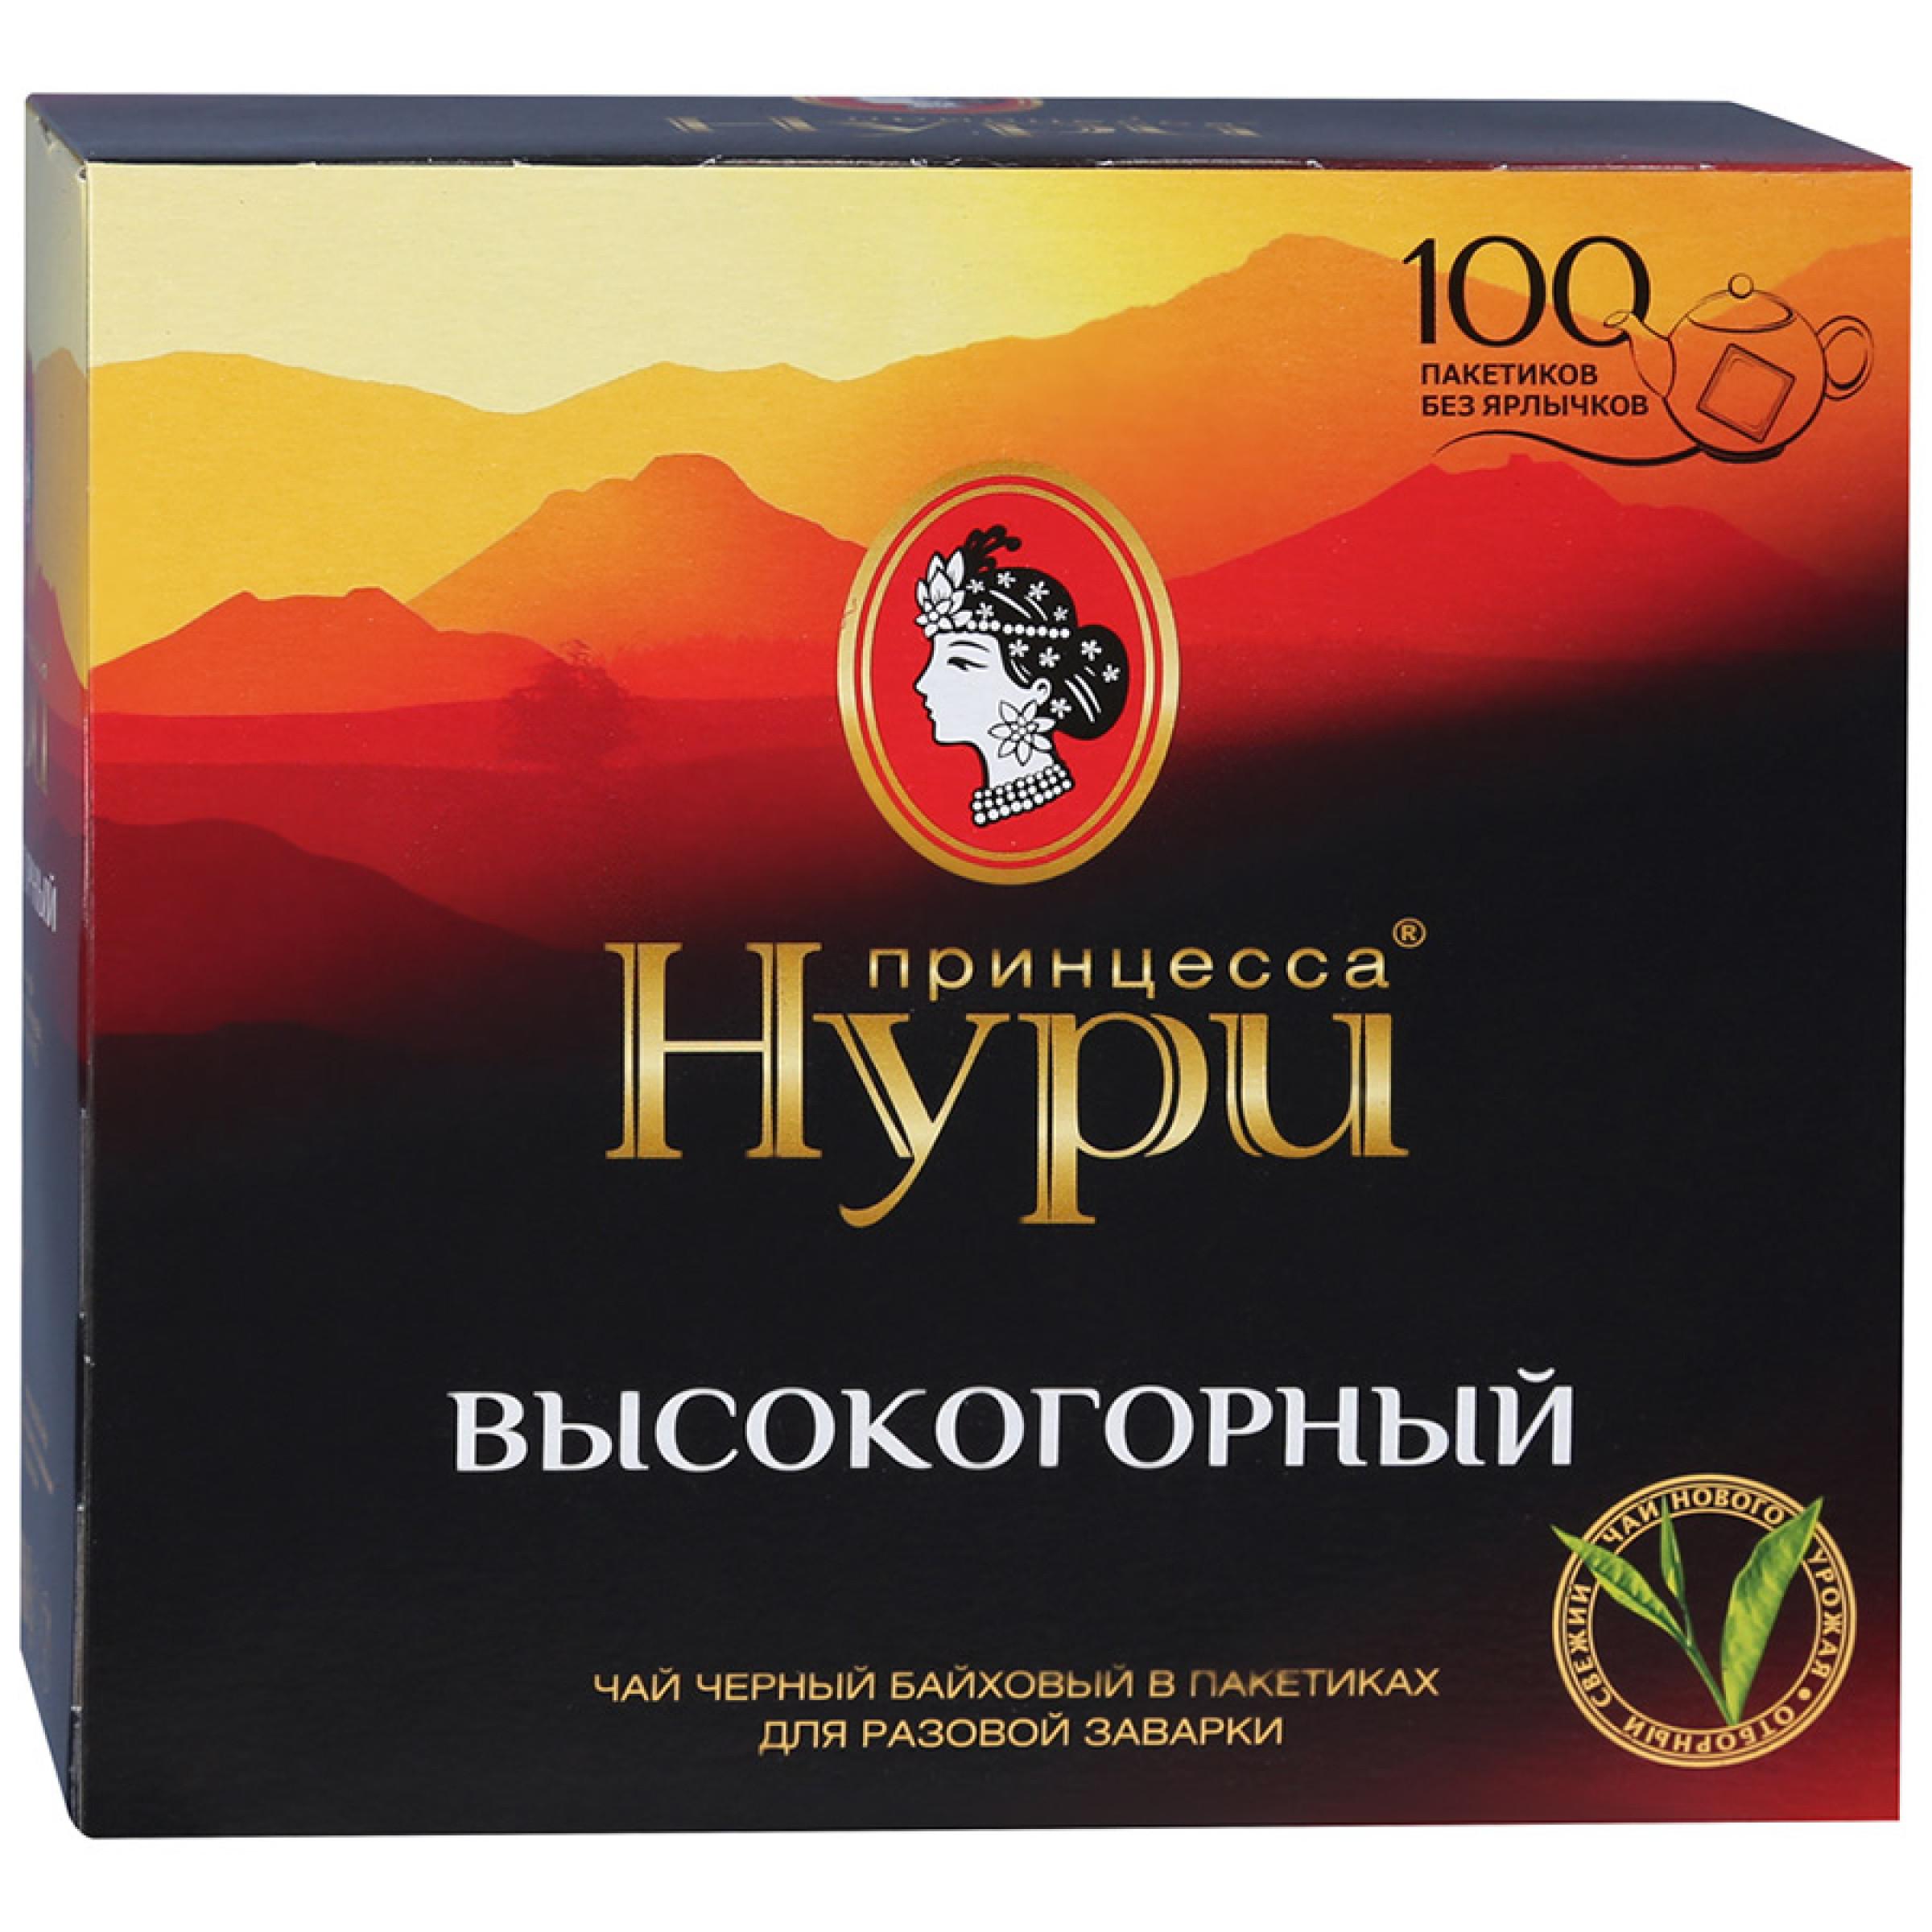 """Чай черный """"Принцесса Нури"""" высокогорный байховый в пакетиках, 100пак*2гр"""